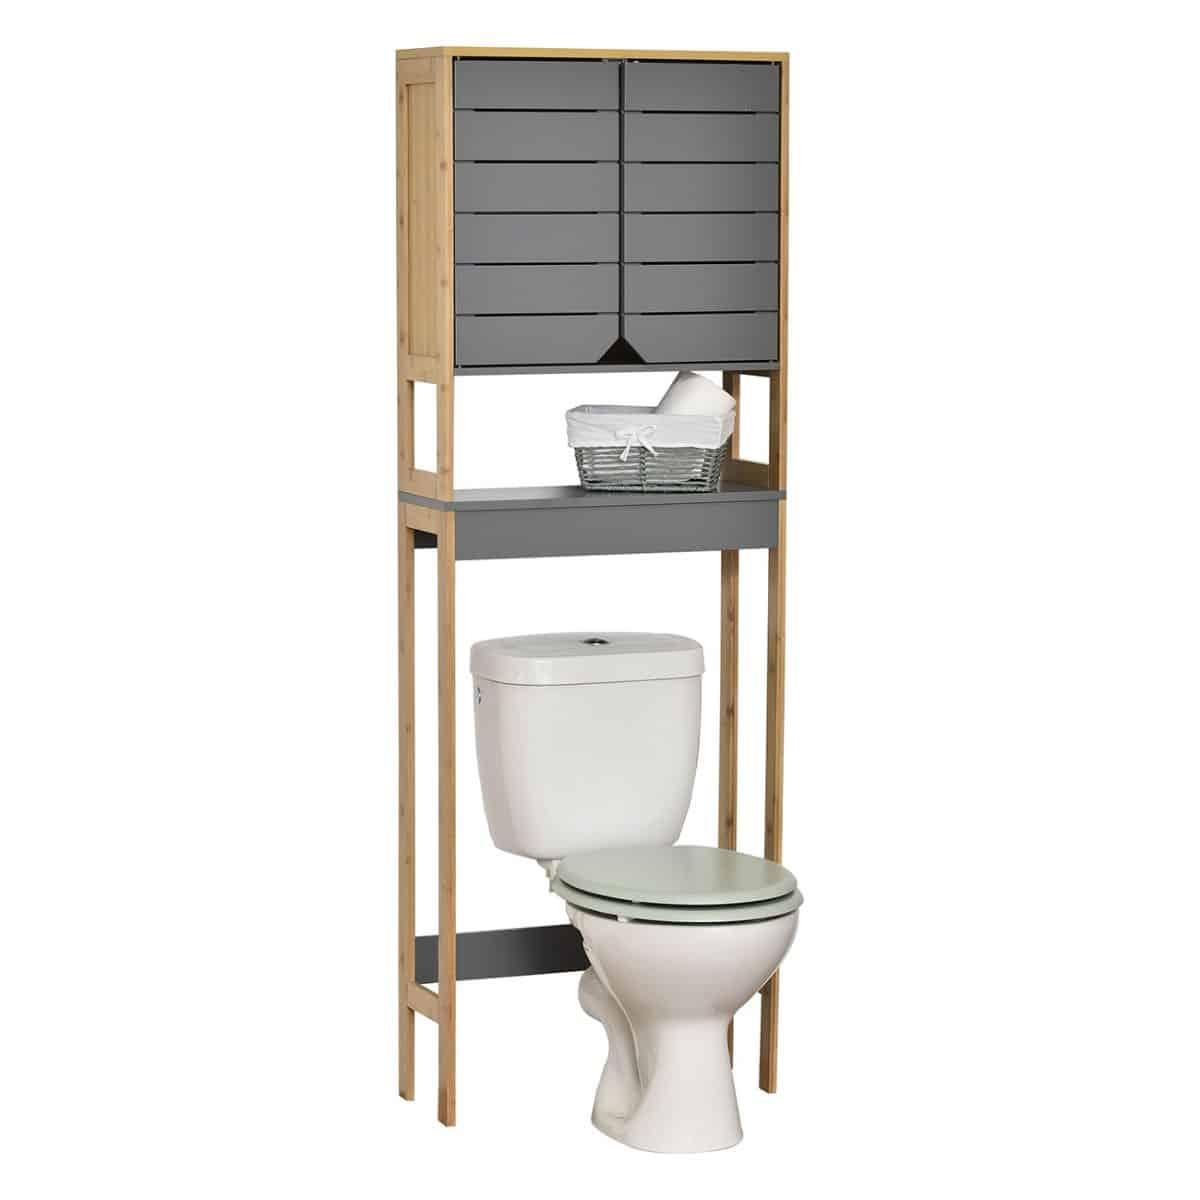 Details about  /Washbasin Sink City 100 Oak Brown Bathroom Furniture Bathroom Furniture 80 cm l Badmöbel 80 cm data-mtsrclang=en-US href=# onclick=return false; show original title